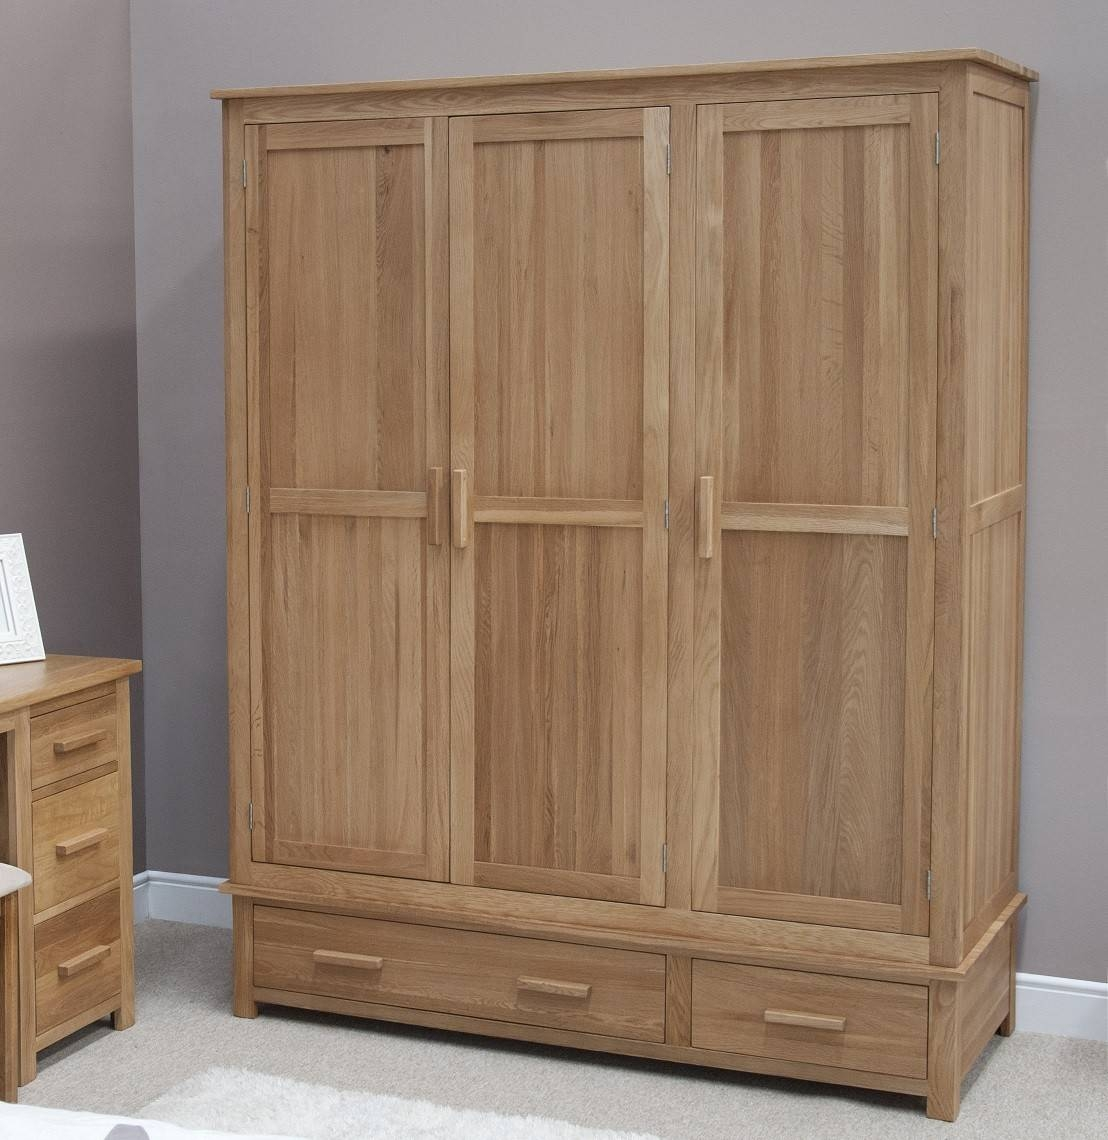 Opus Solid Oak 3 Door Triple Wardrobe   Oak Furniture Uk With Oak 3 Door Wardrobes (View 9 of 15)